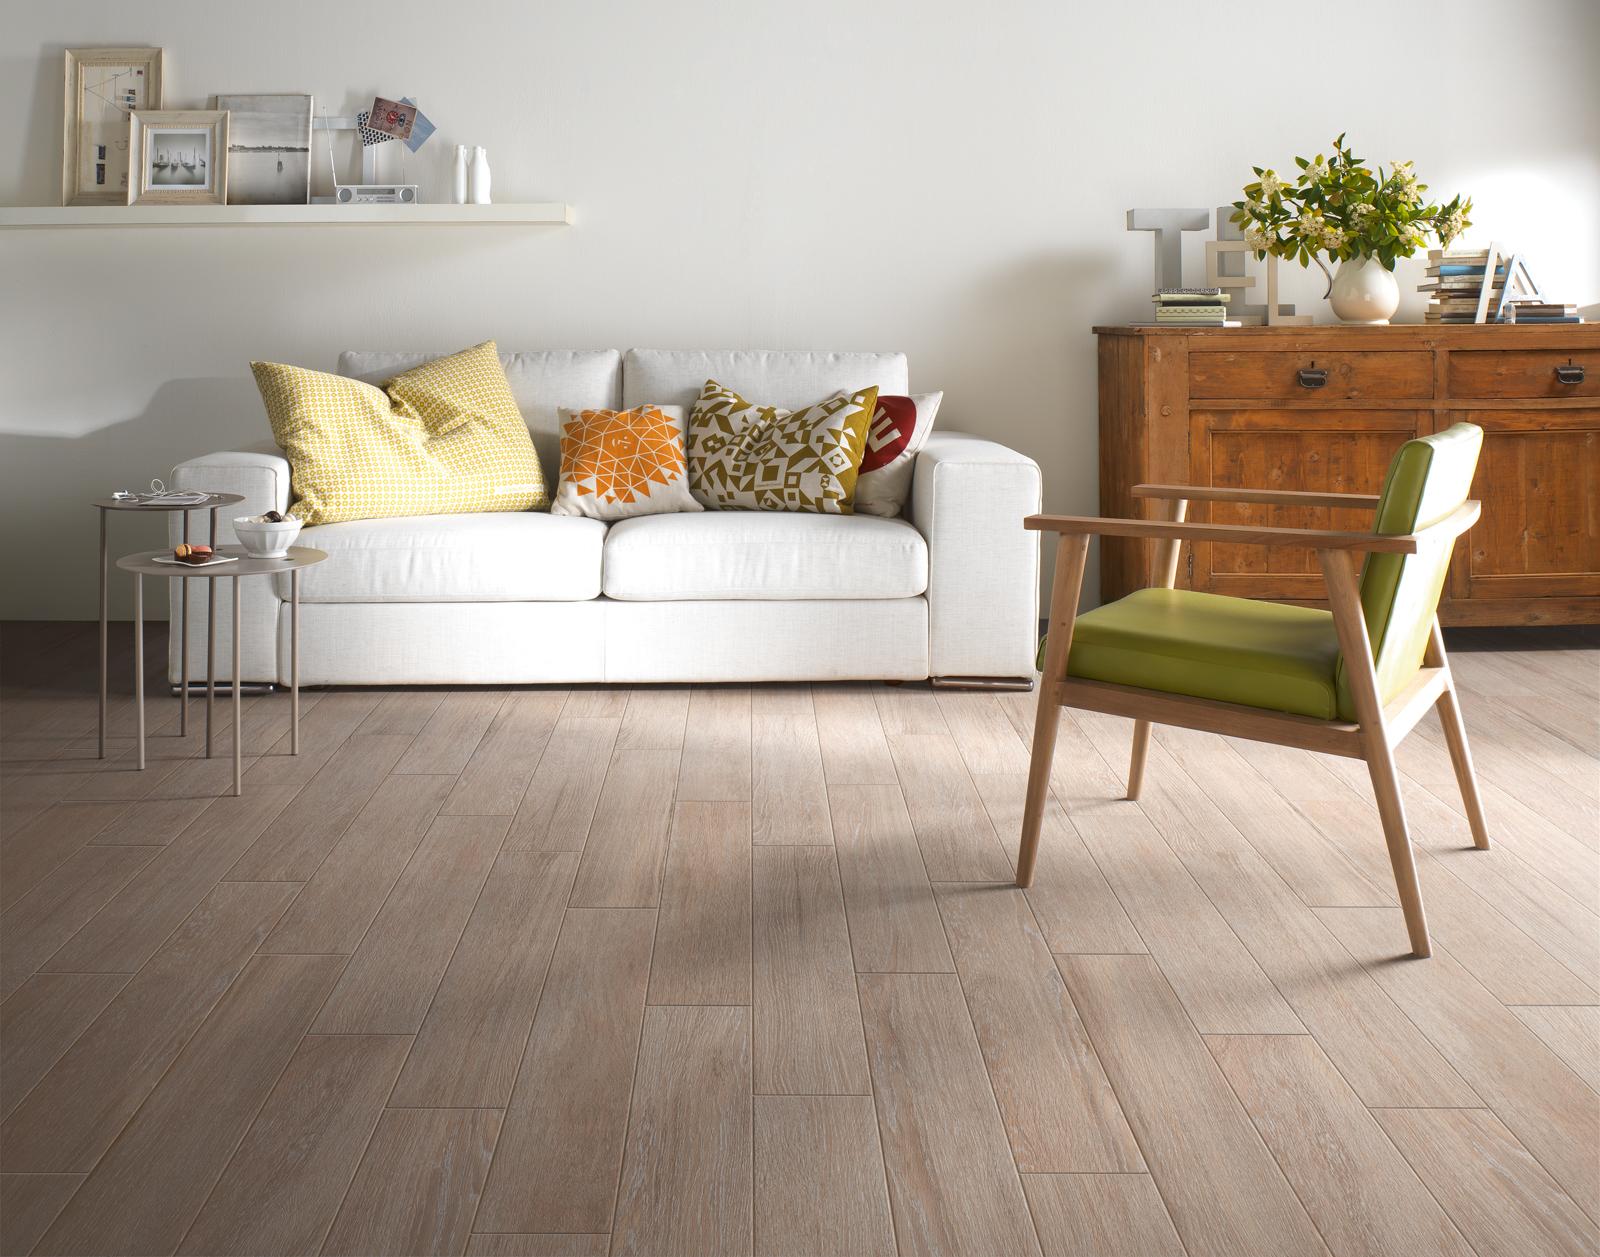 Planet gres effetto legno marazzi - Piastrelle color legno ...